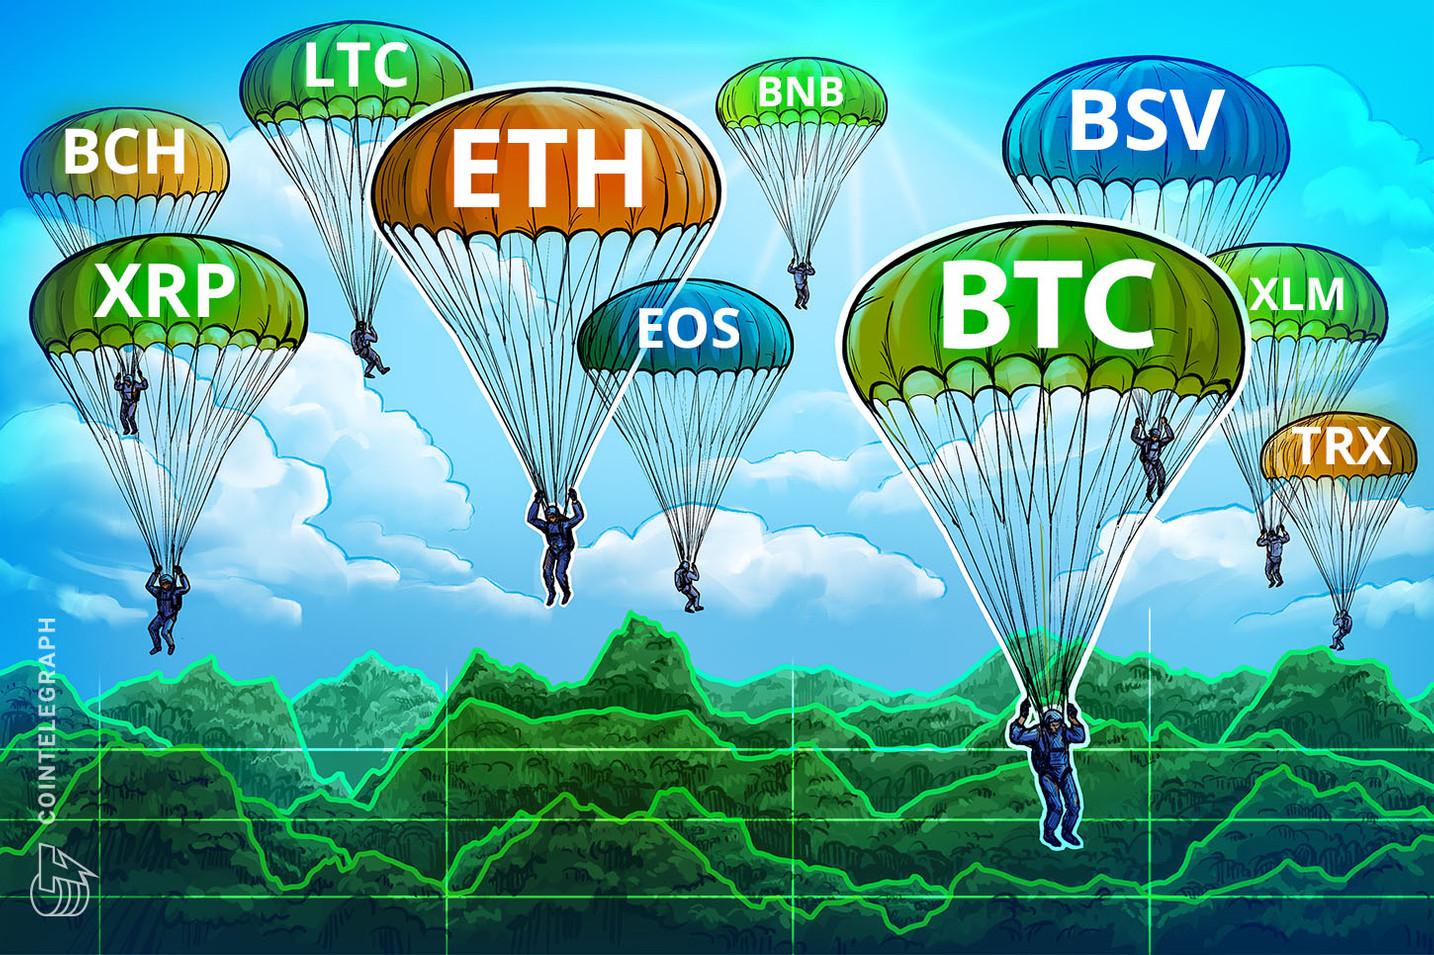 上昇トレンドへの転換なるか 仮想通貨ビットコイン・イーサ・XRP(リップル)のテクニカル分析【価格予想】